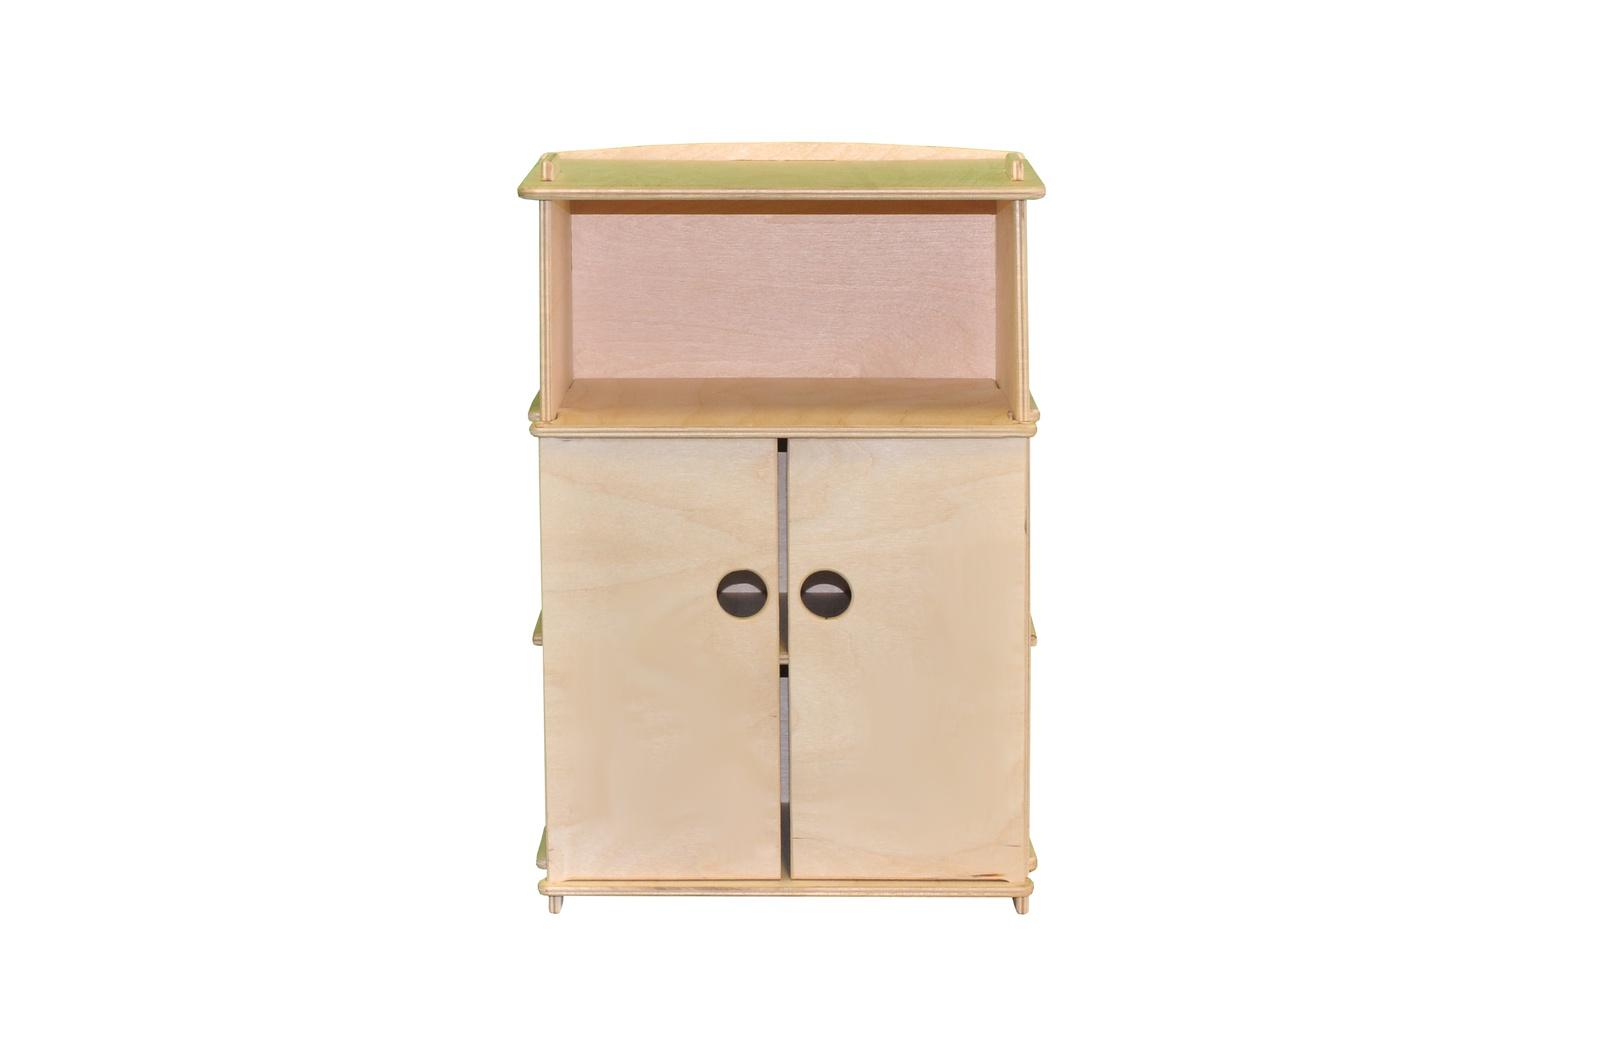 Мебель для кукол Woodlines Шкаф с открытой полкой бежевый